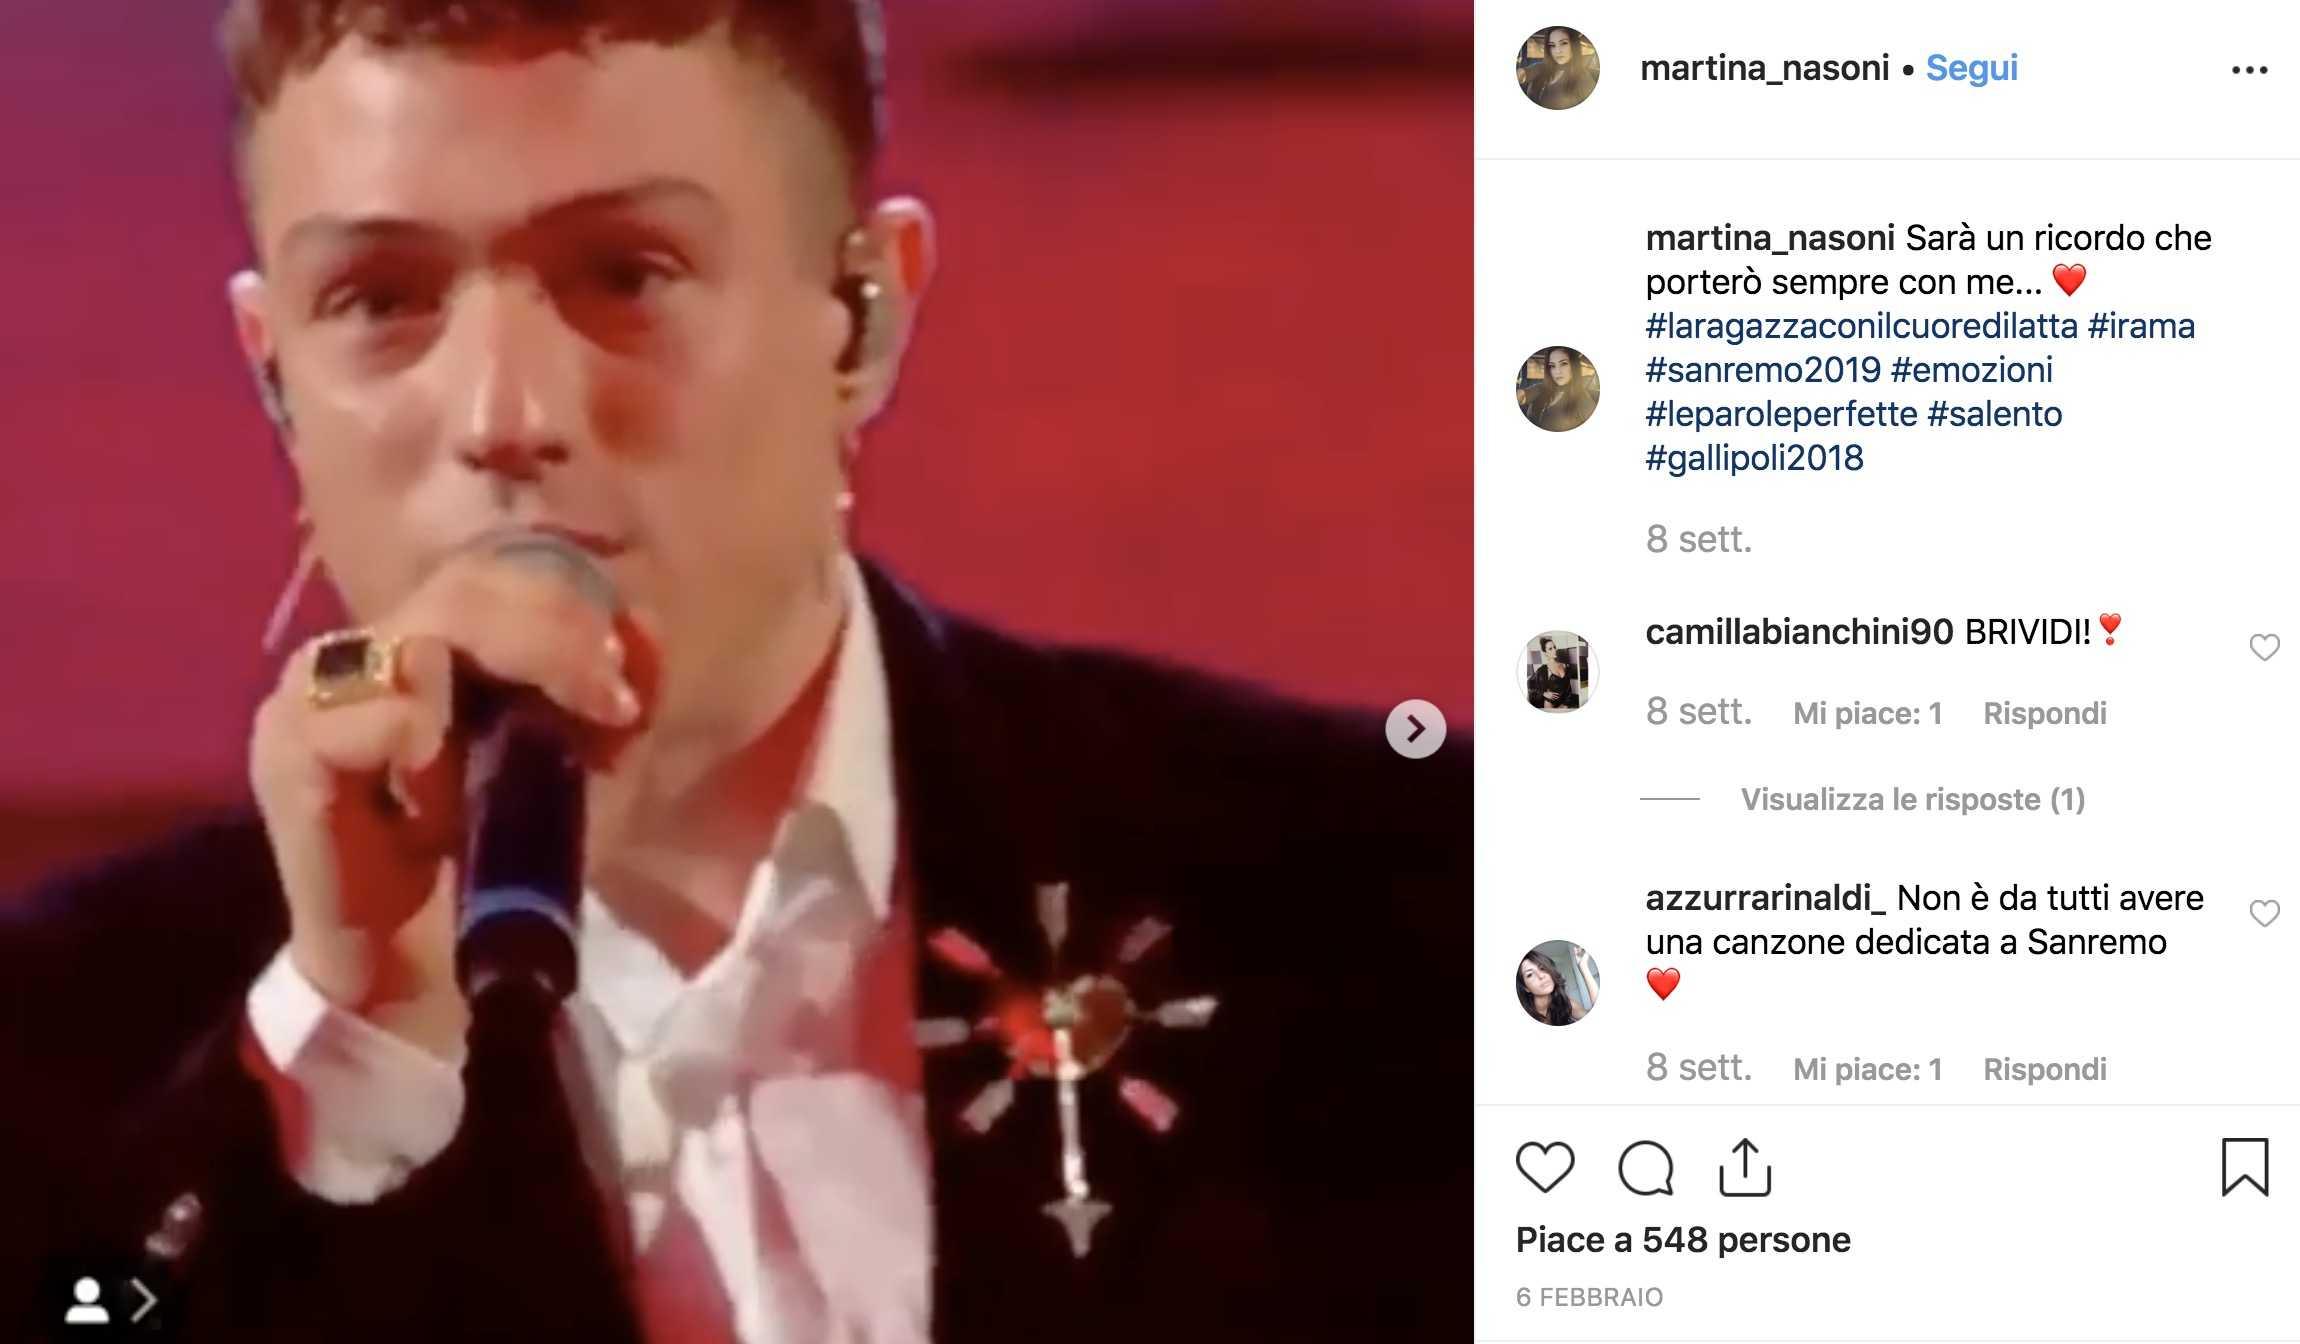 Martina Nasoni al GF 16, parla di lei la canzone di Irama?